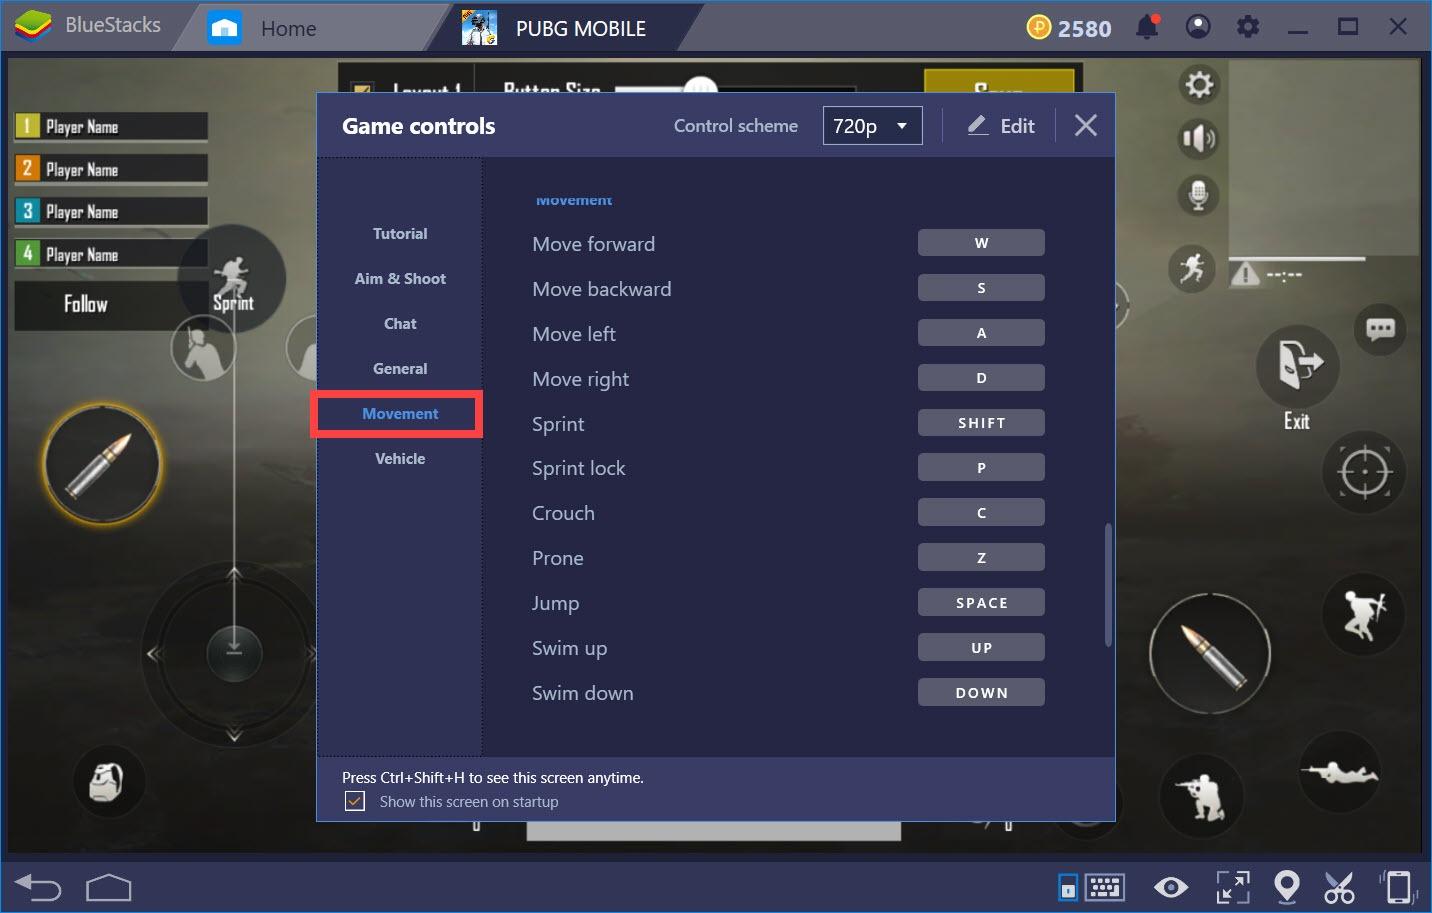 Hướng dẫn thiết lập Game controls khi chơi PUBG Mobile với